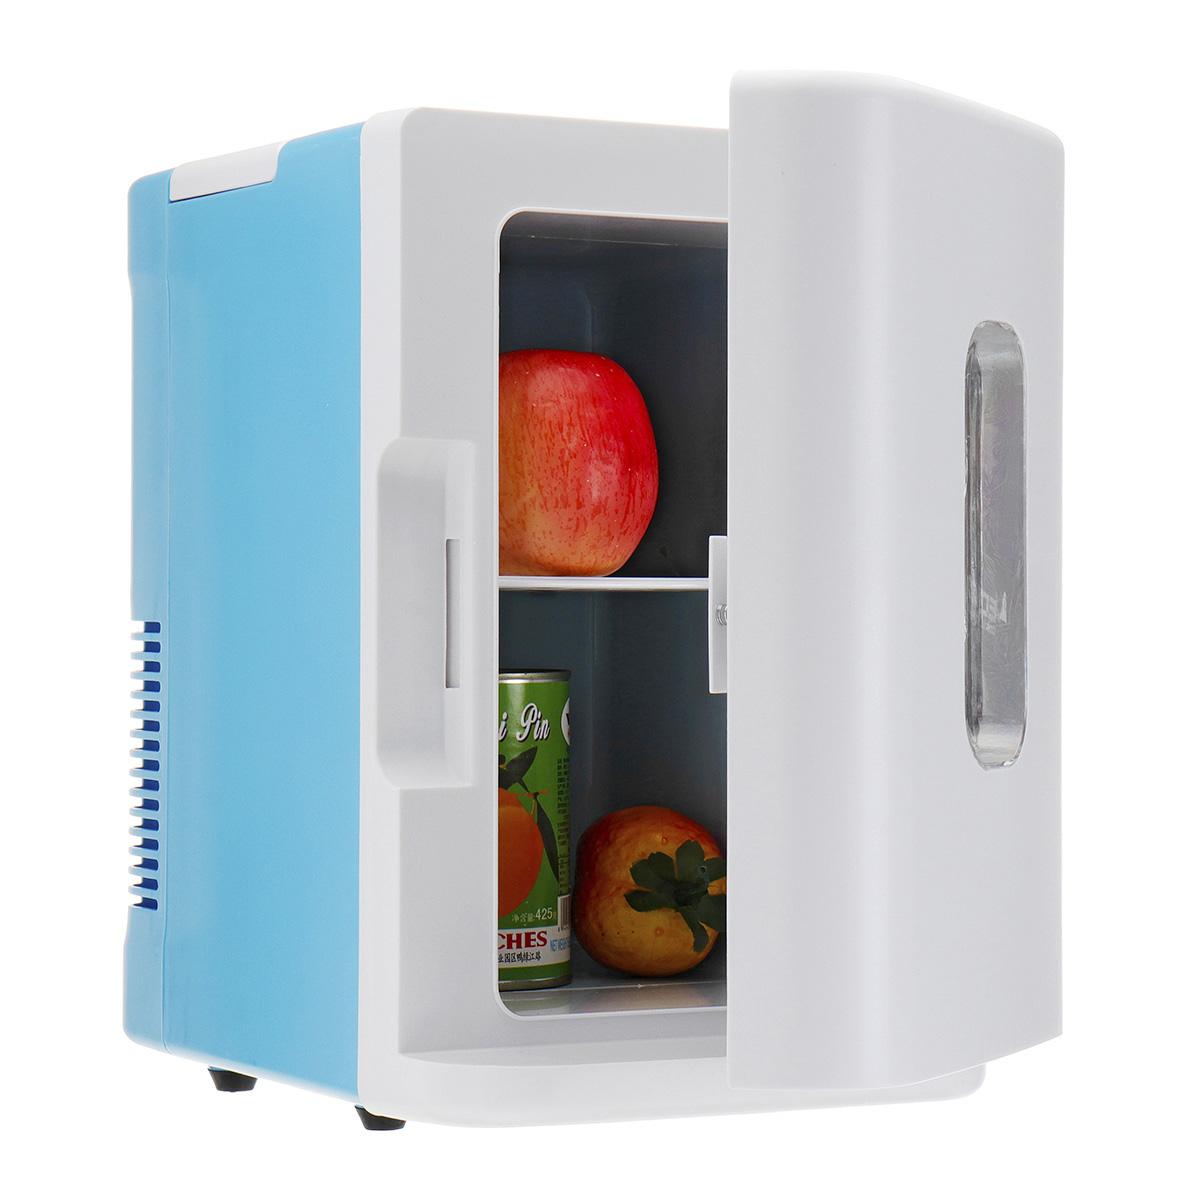 10L Авто Холодильник Общежитие Небольшой холодильник Мини-холодильник Авто Дом двойного назначения